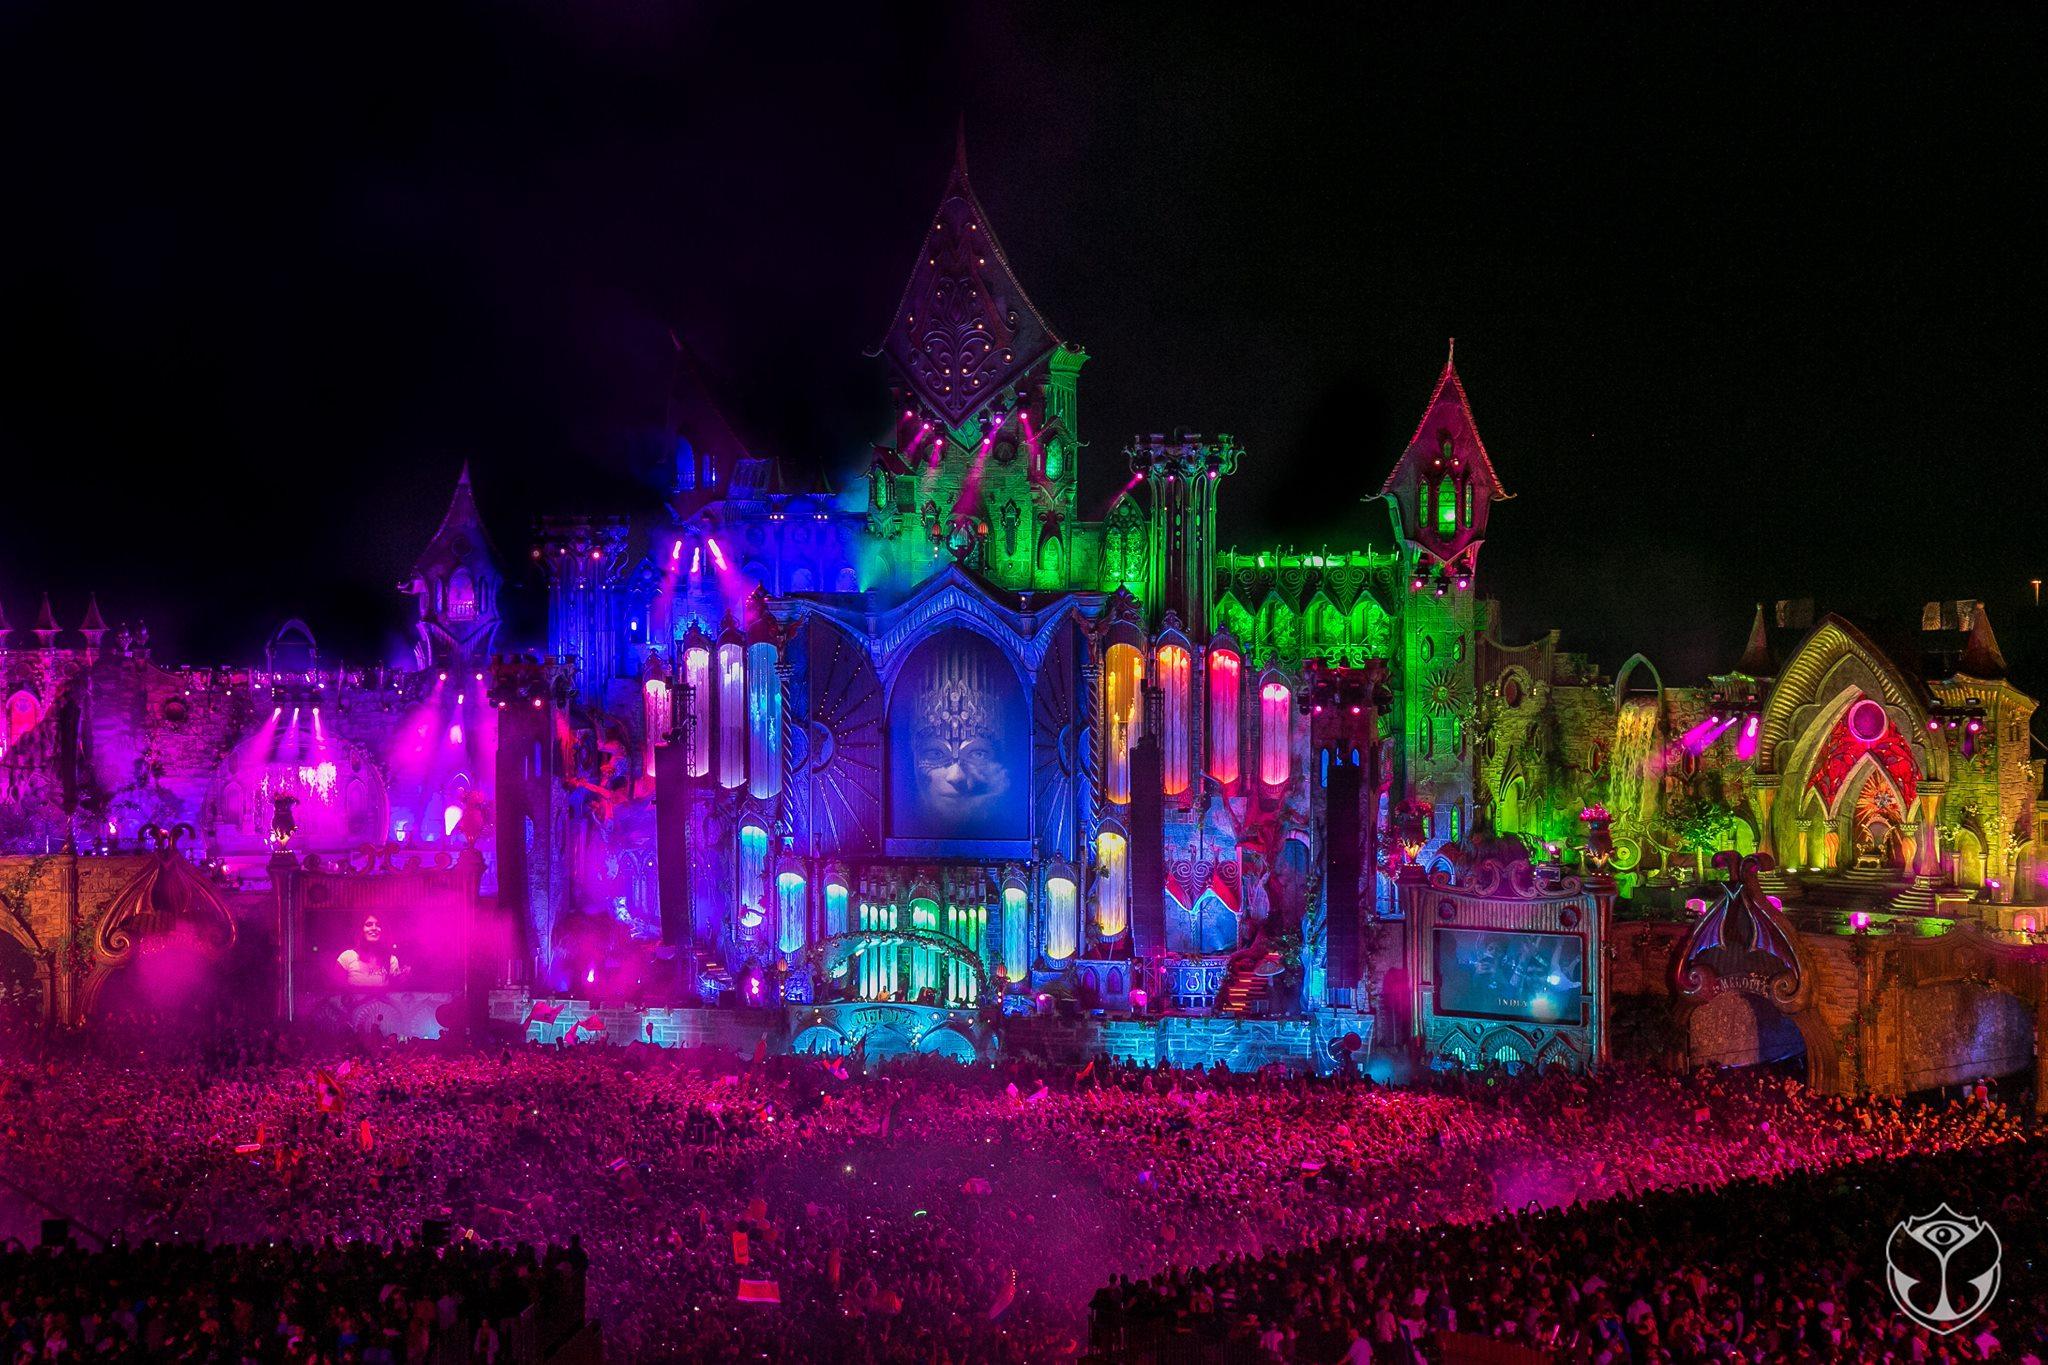 Tomorrowland 2015 picture